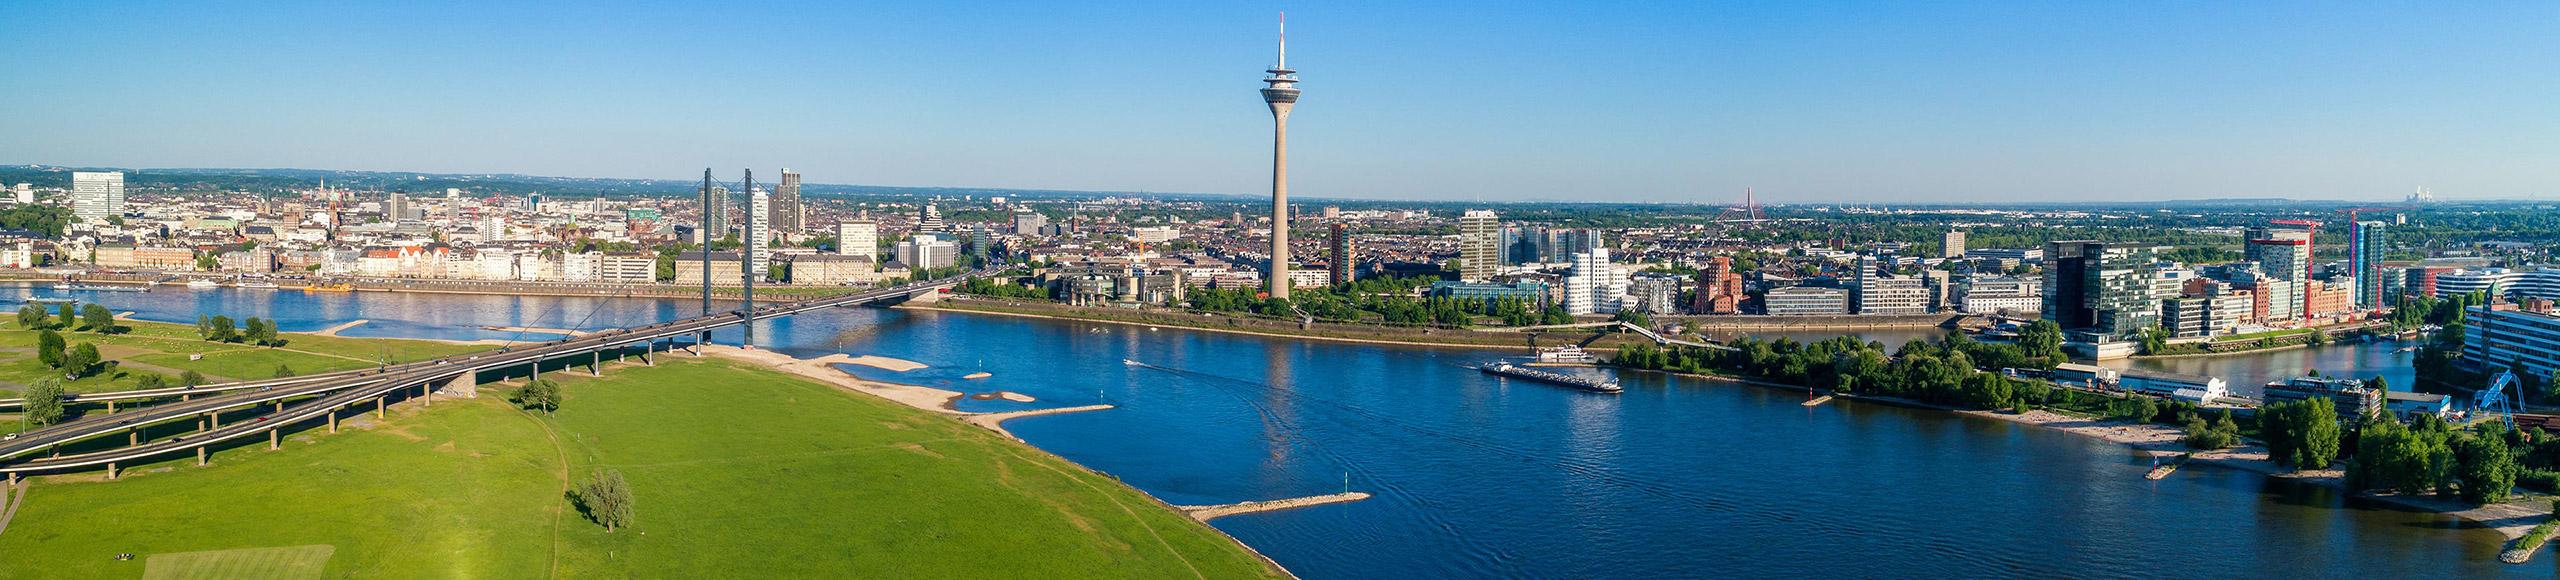 Panorama der Stadt Düsseldorf von der linken Rheinseite aus gesehen